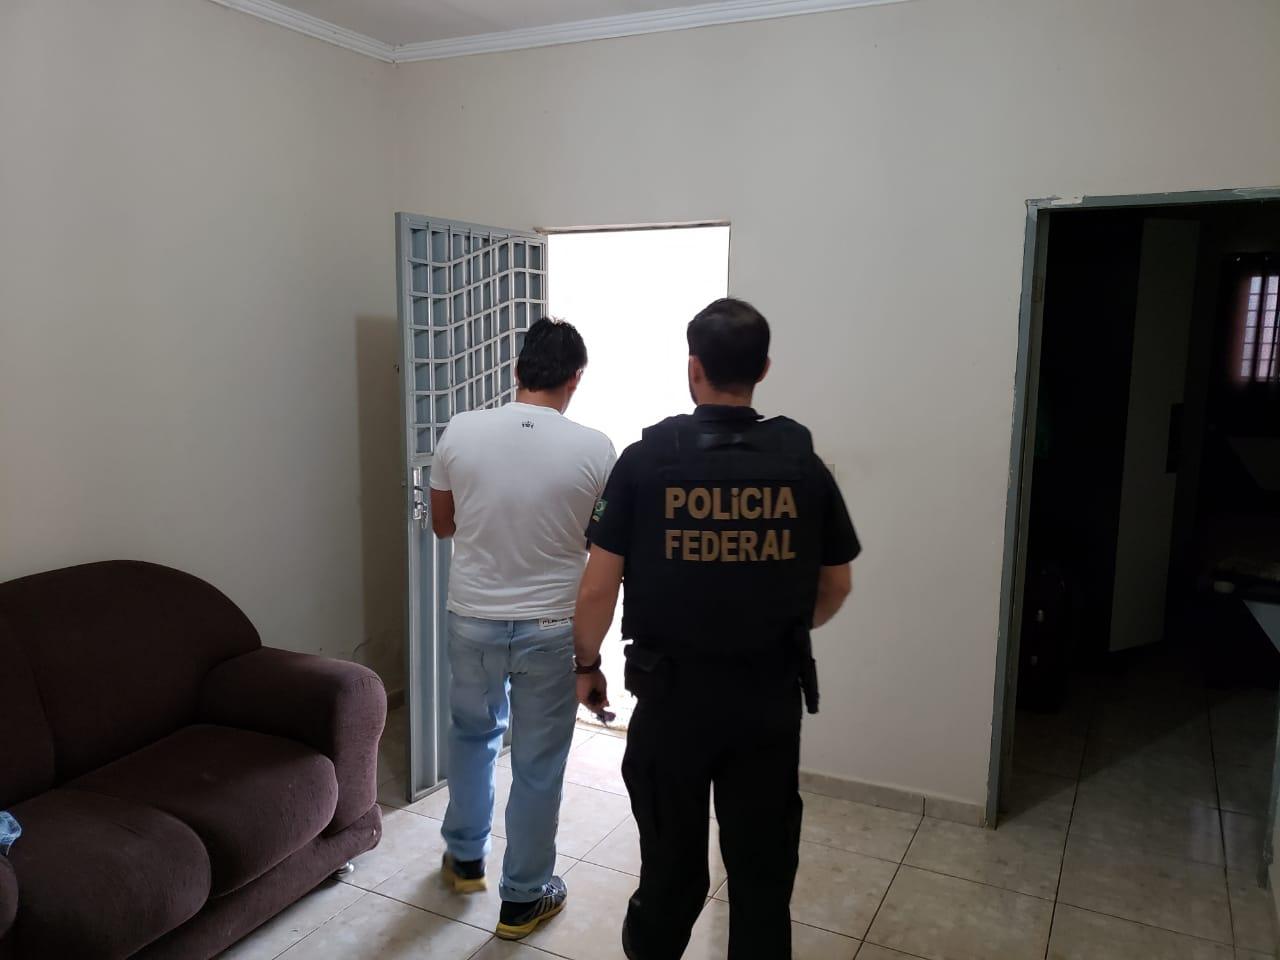 operação recidiva segunda fase 1 - Policia Federal faz operação em Patos e já prendeu três engenheiros envolvimento em fraudes  - ENTENDA